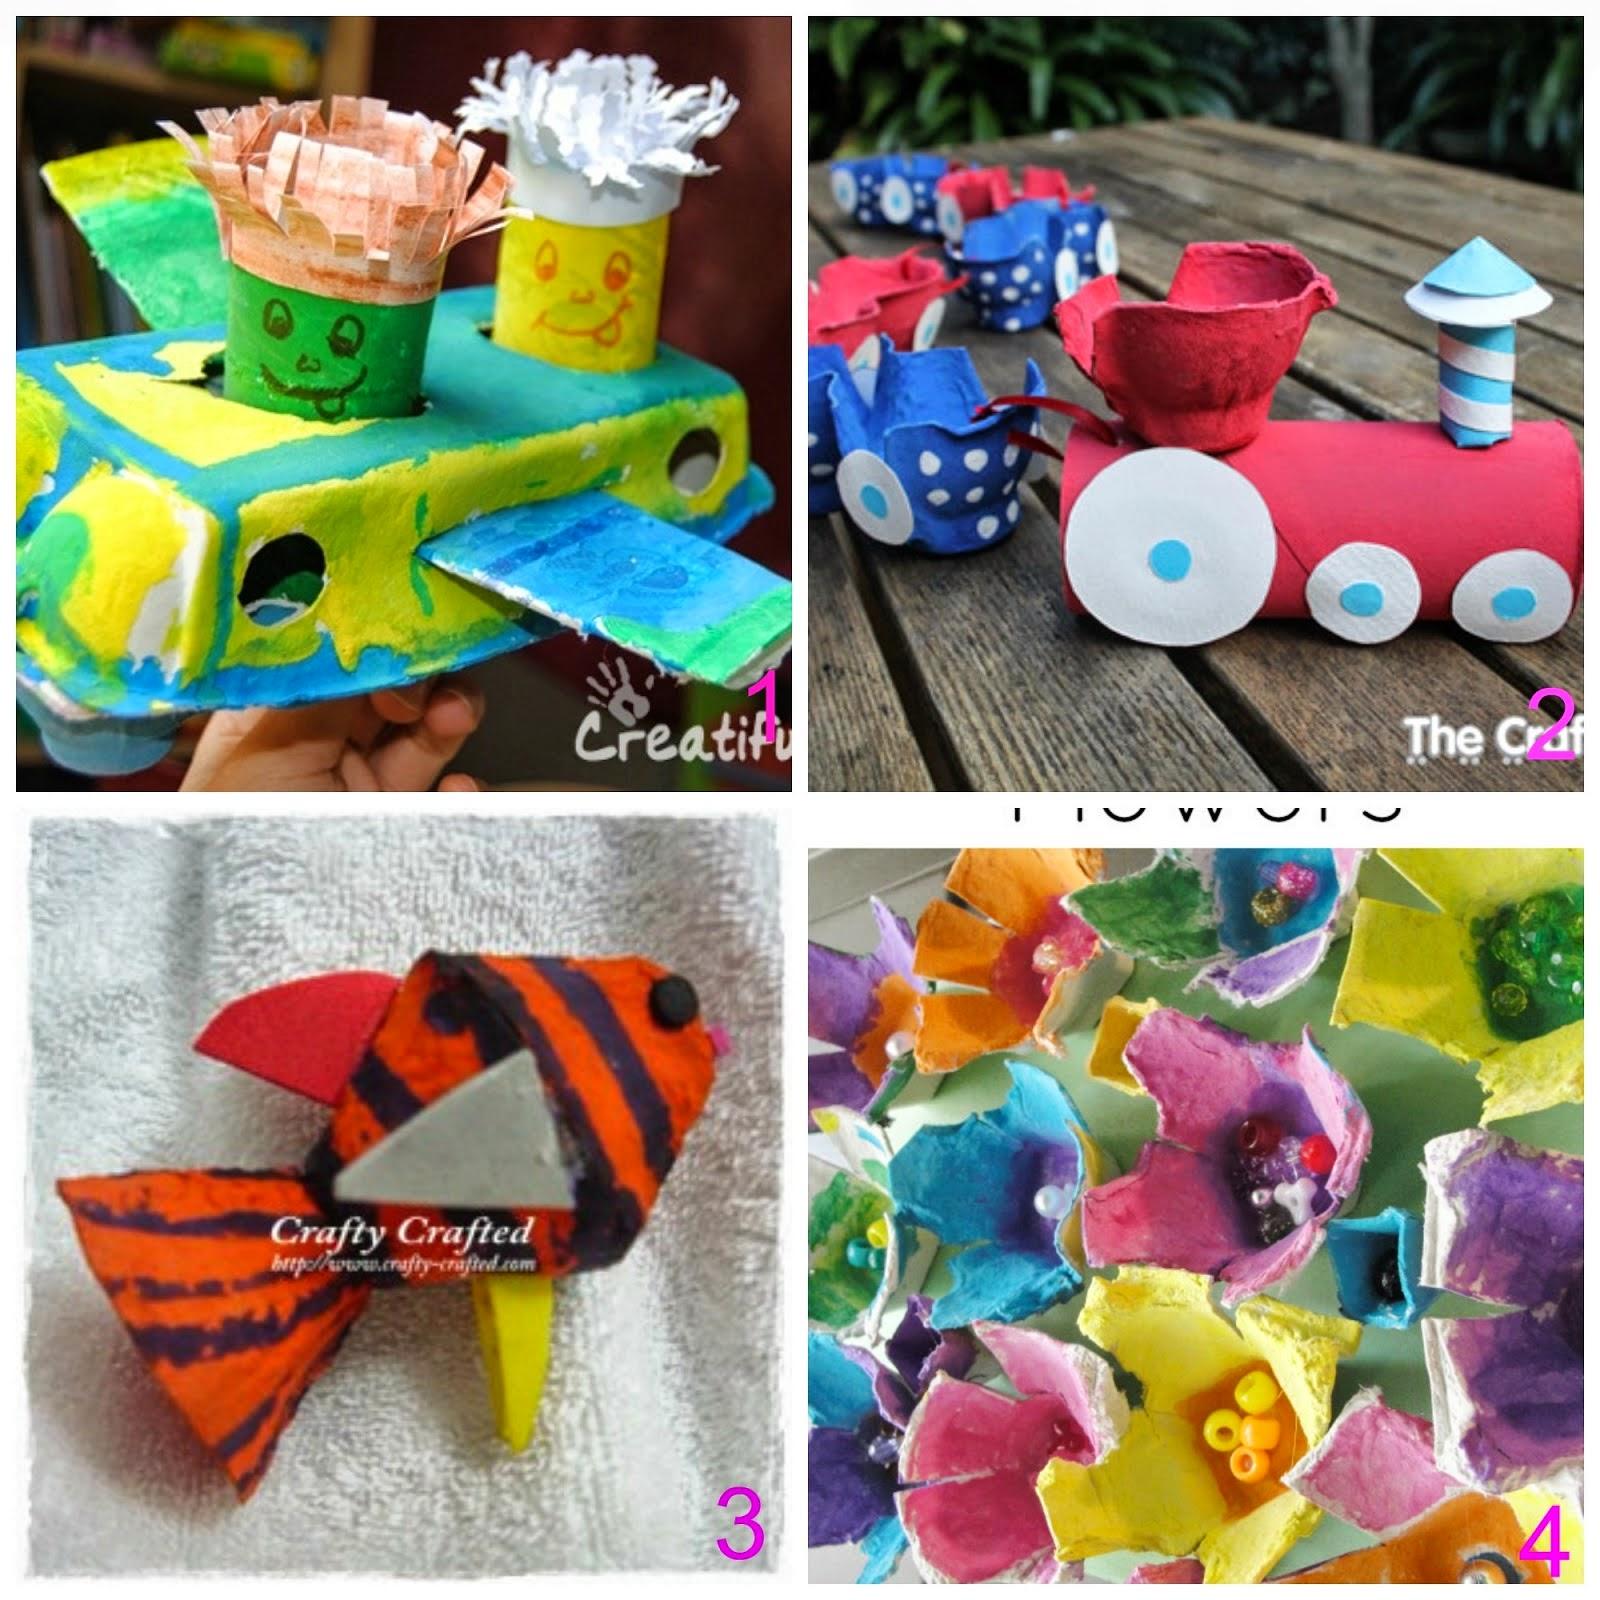 Preferenza Mamma Aiuta Mamma: Lavoretti creativi per bimbi con materiali  NL07